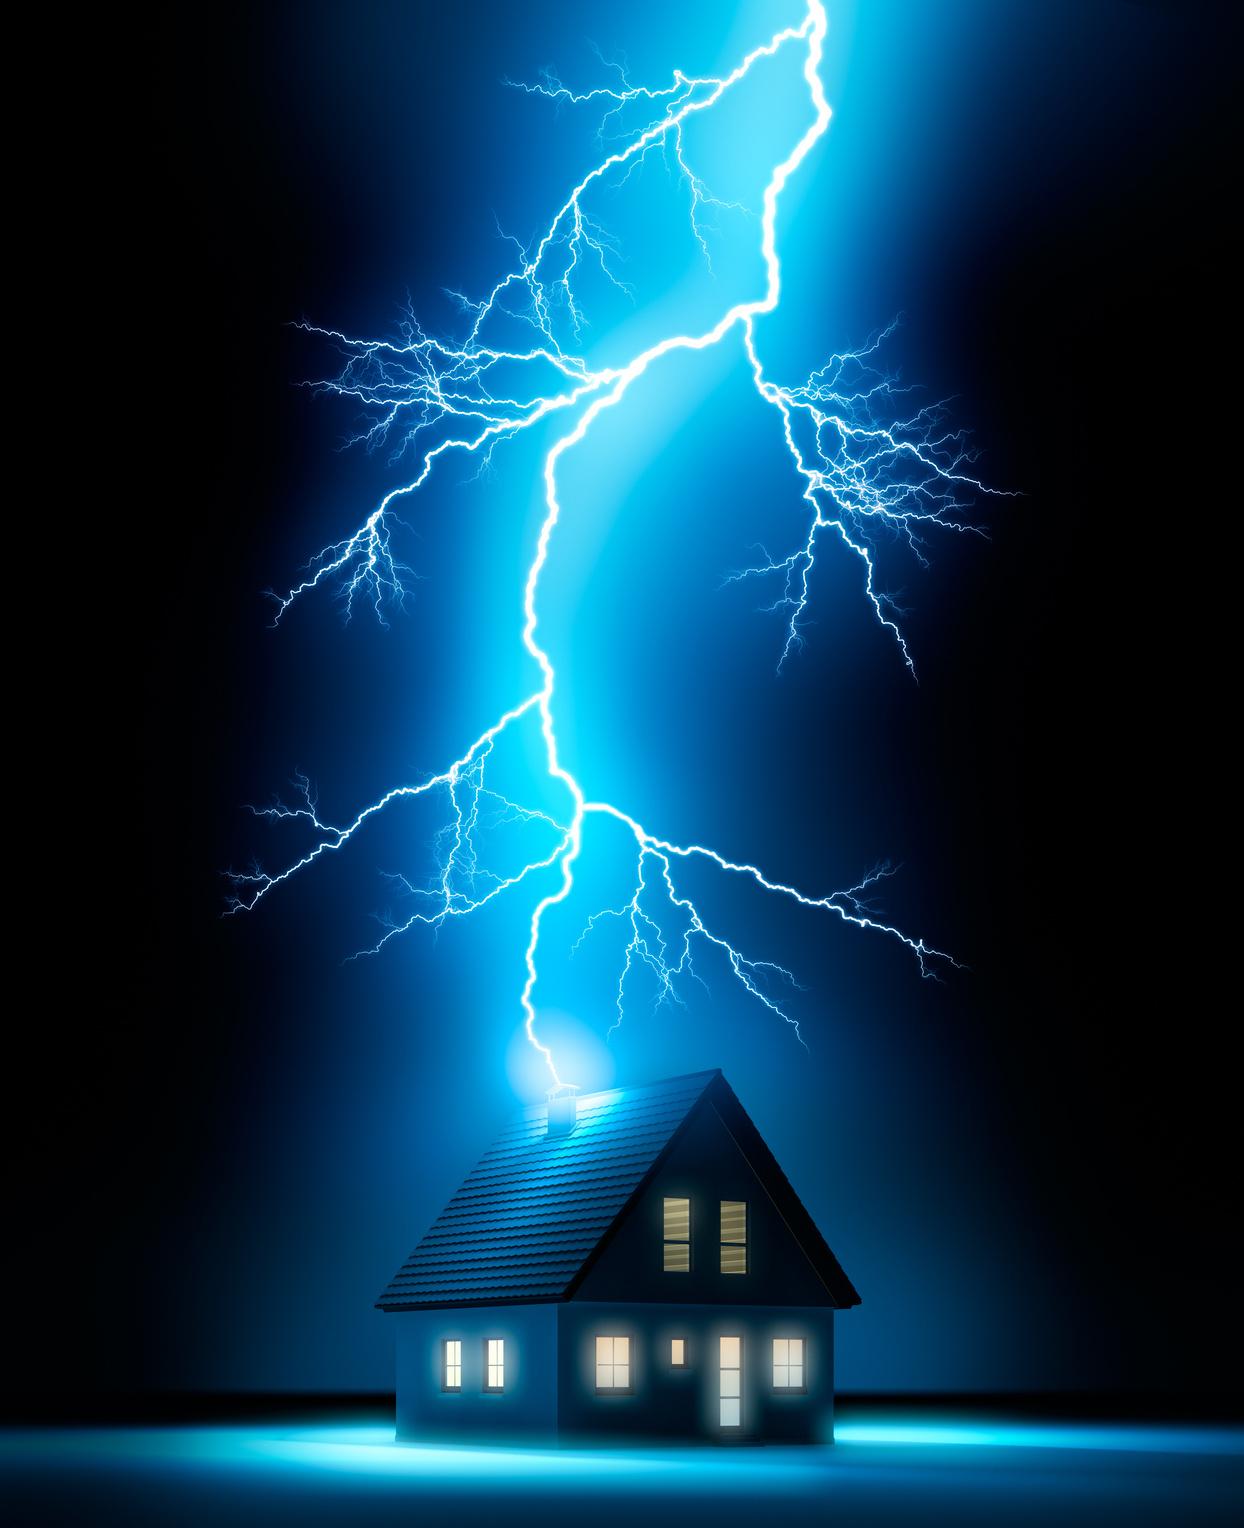 berspannungsschutz im eigenheim achtung blitzschlag hohenberger elektro gmbh. Black Bedroom Furniture Sets. Home Design Ideas